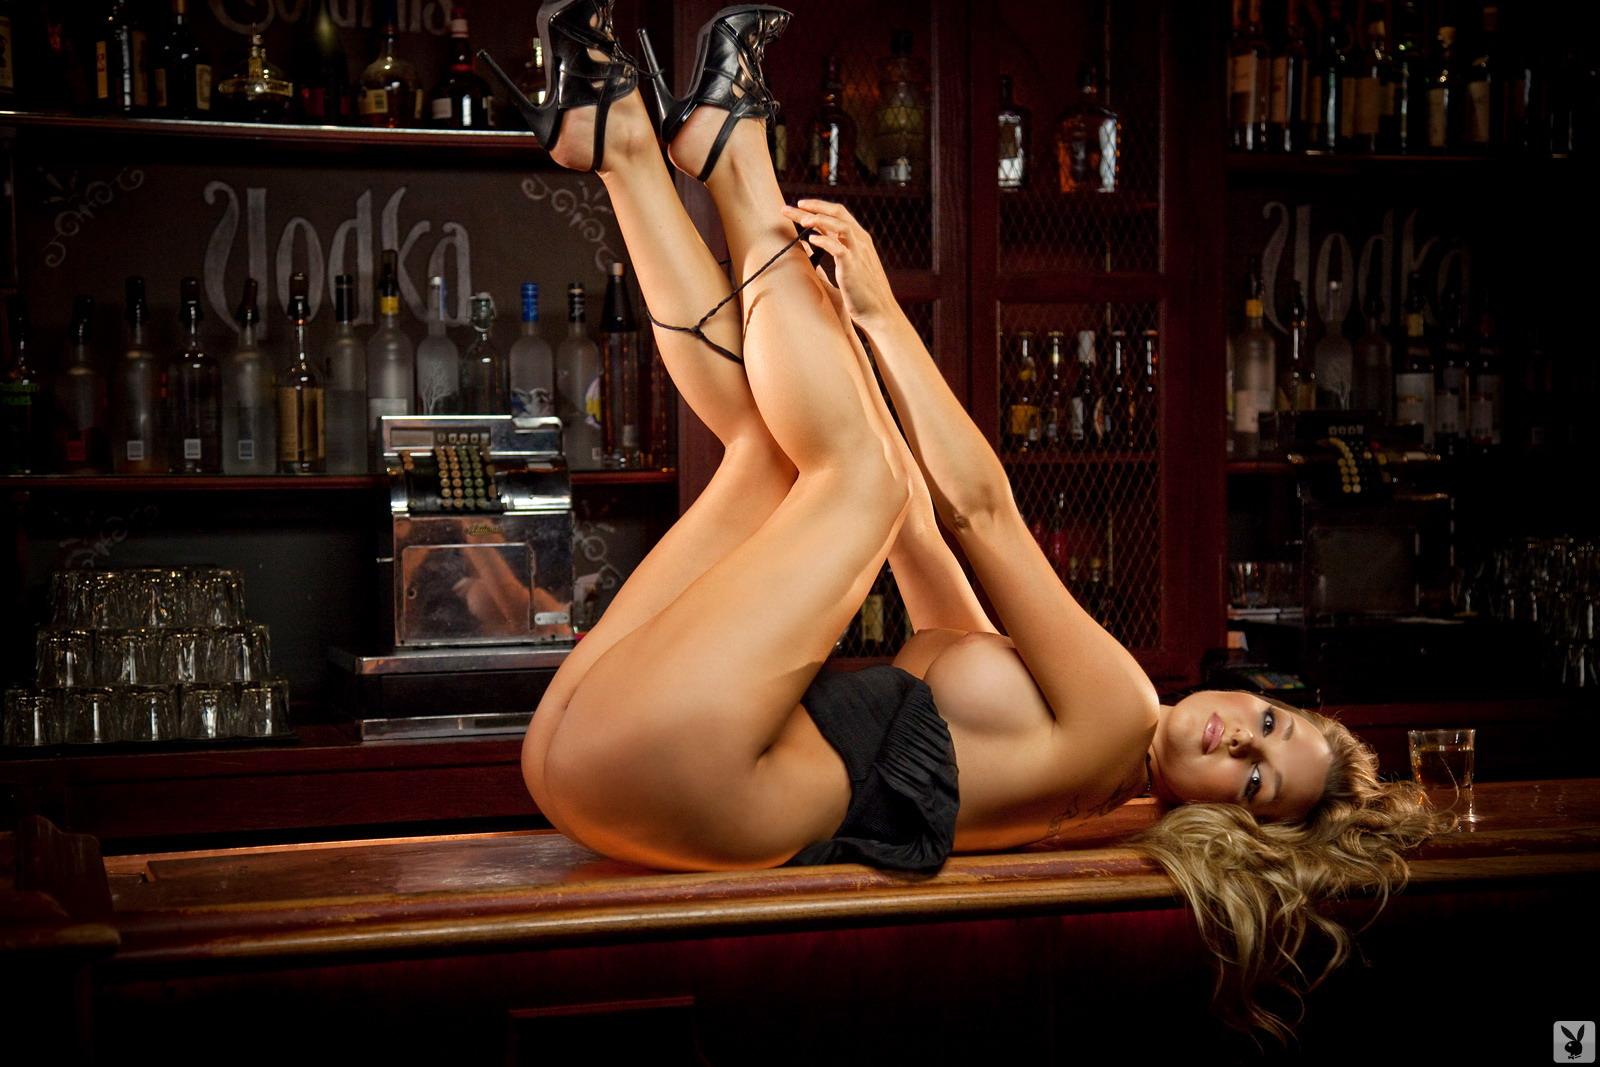 оправдывала себя фото лесбиянок блондинок у барной стойки дело